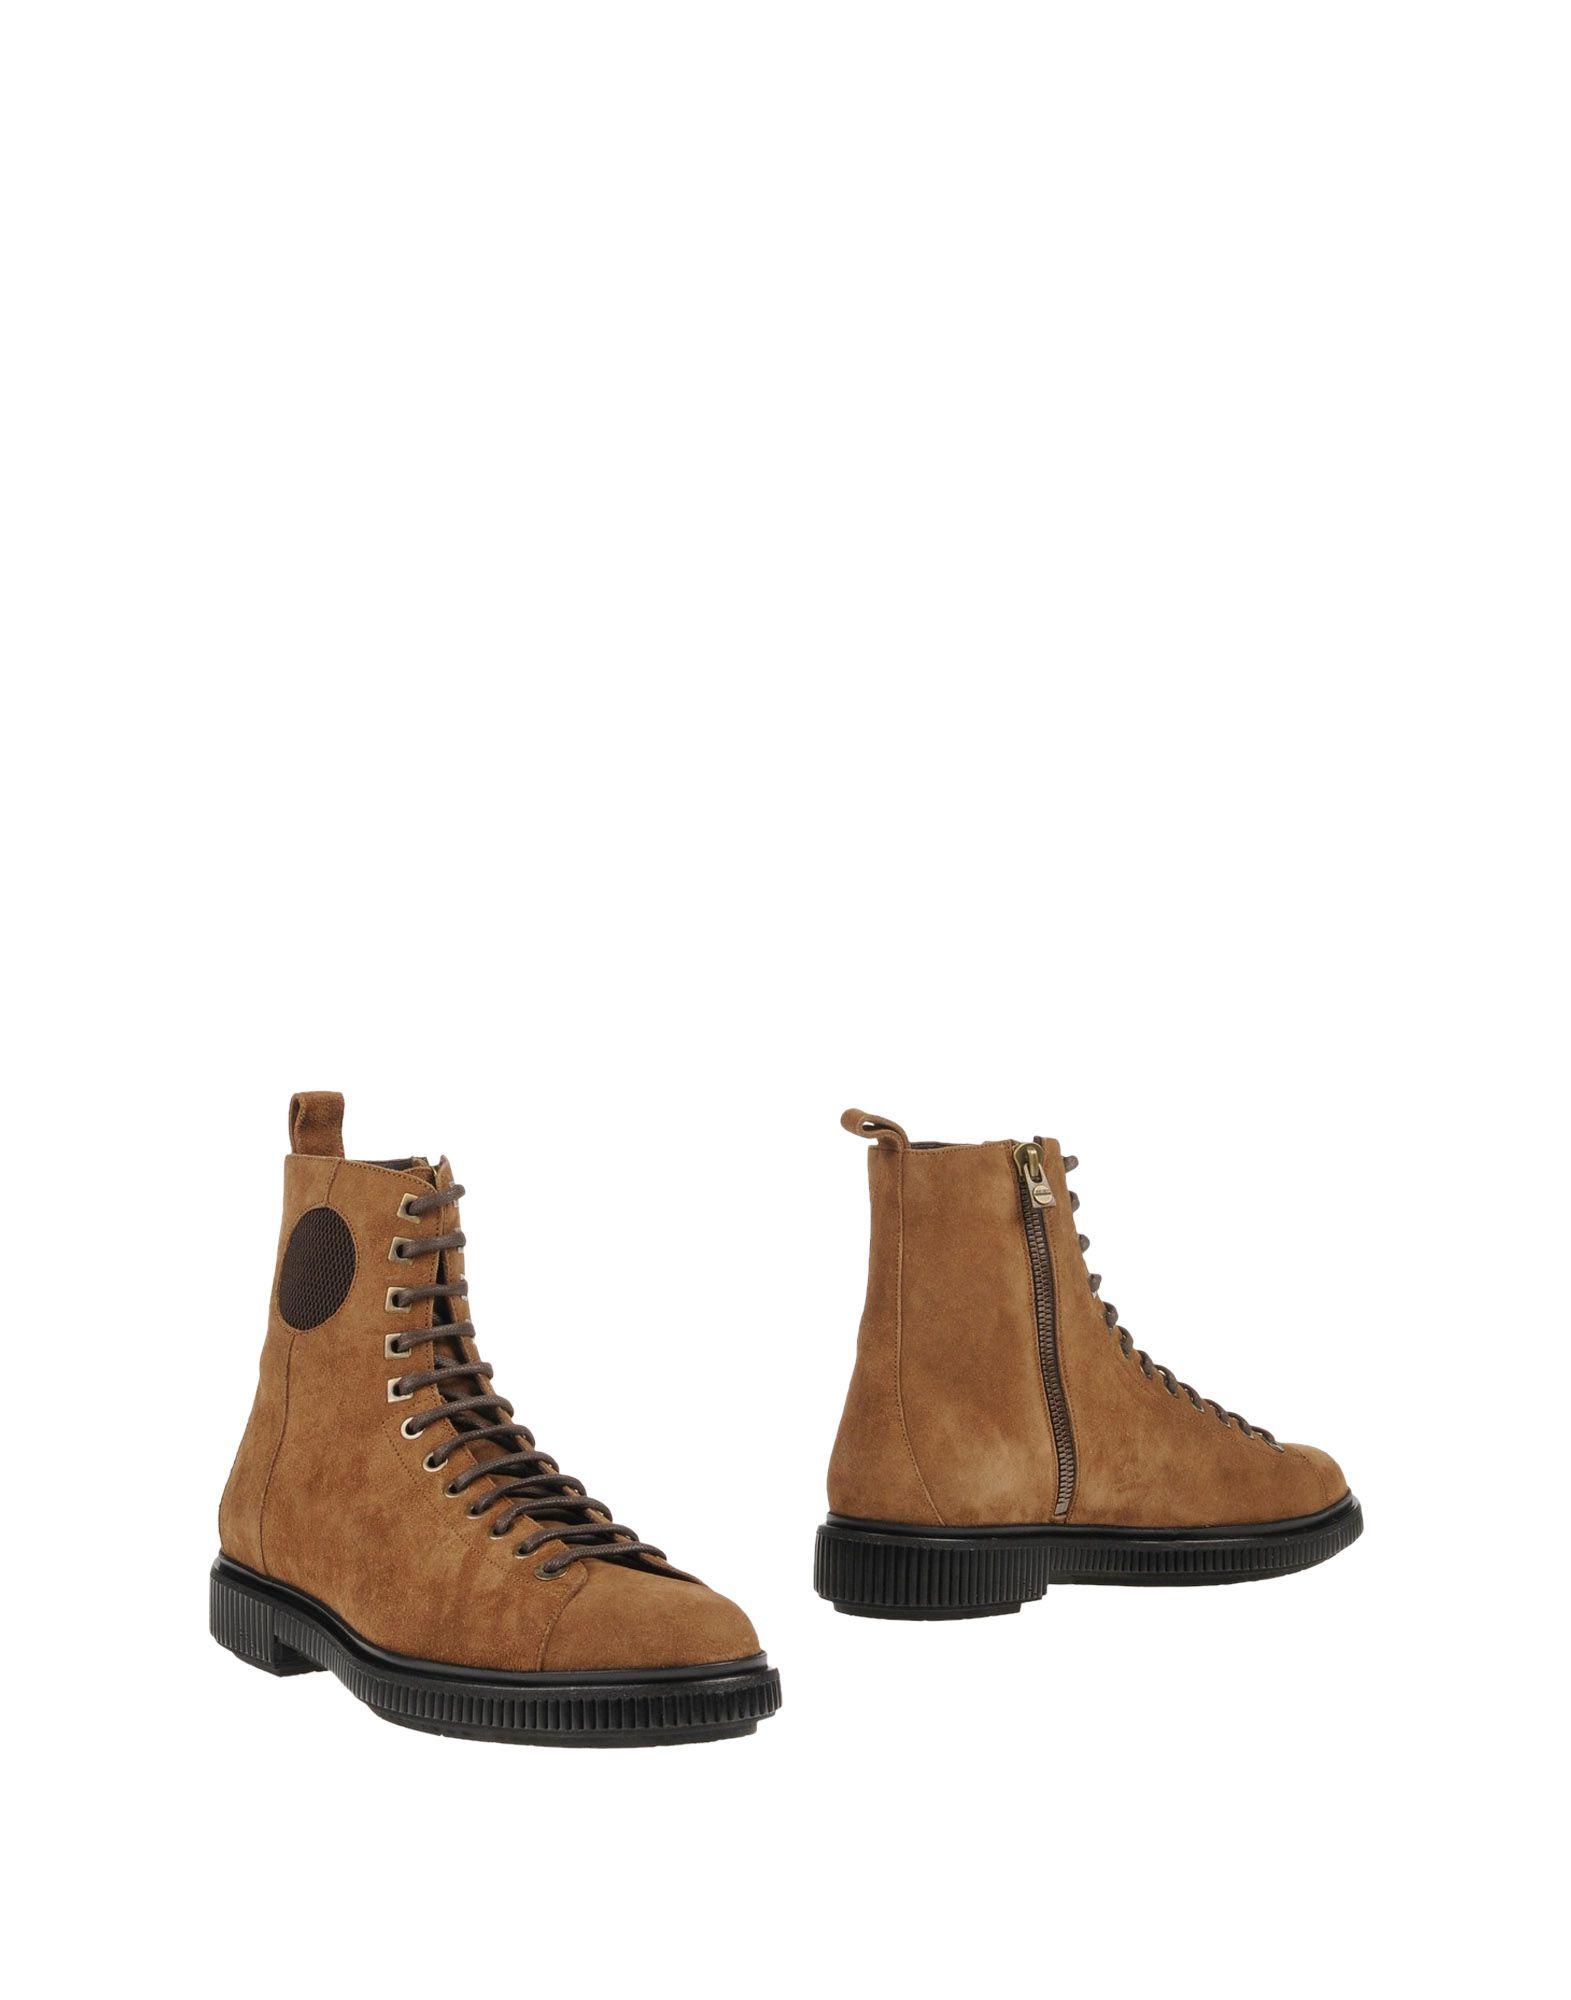 Jimmy Choo Stiefelette Herren  11405310GQ Gute Qualität beliebte Schuhe